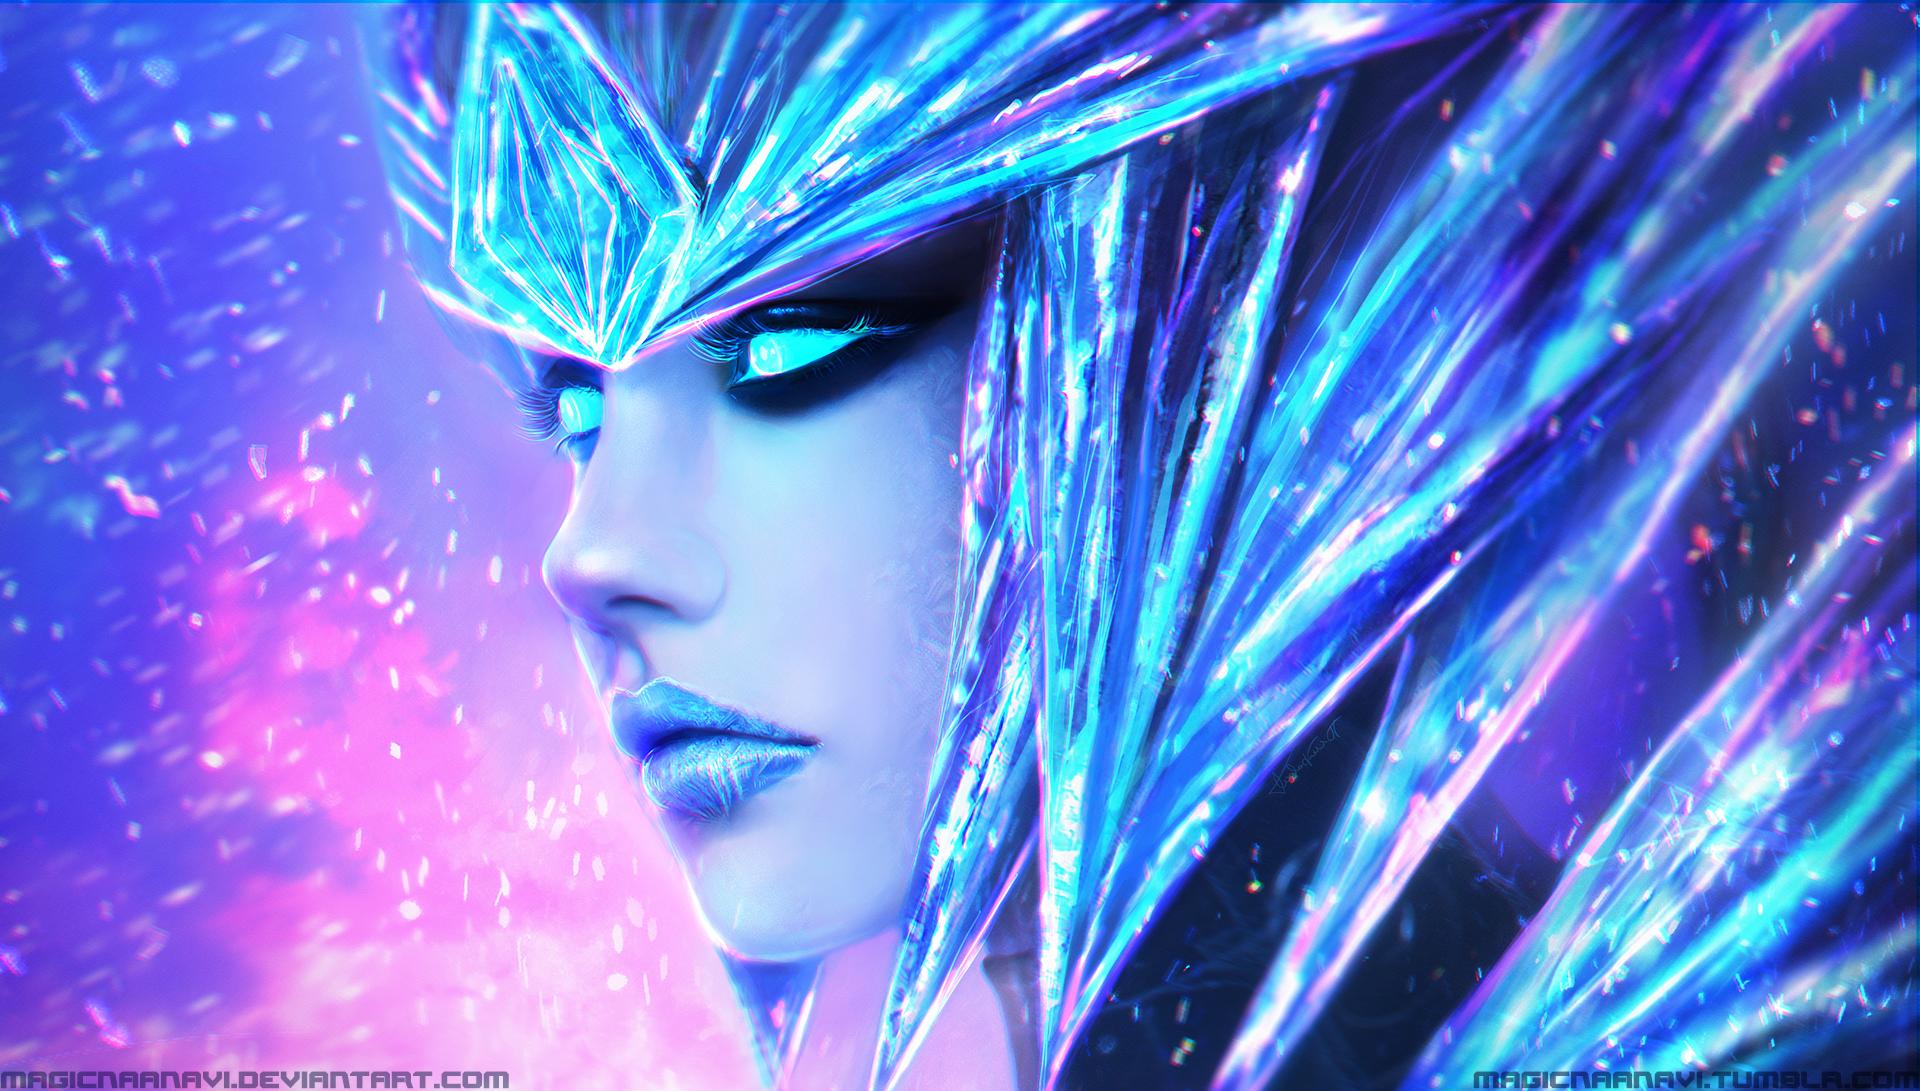 Ice Drake Shyvana wallpaper